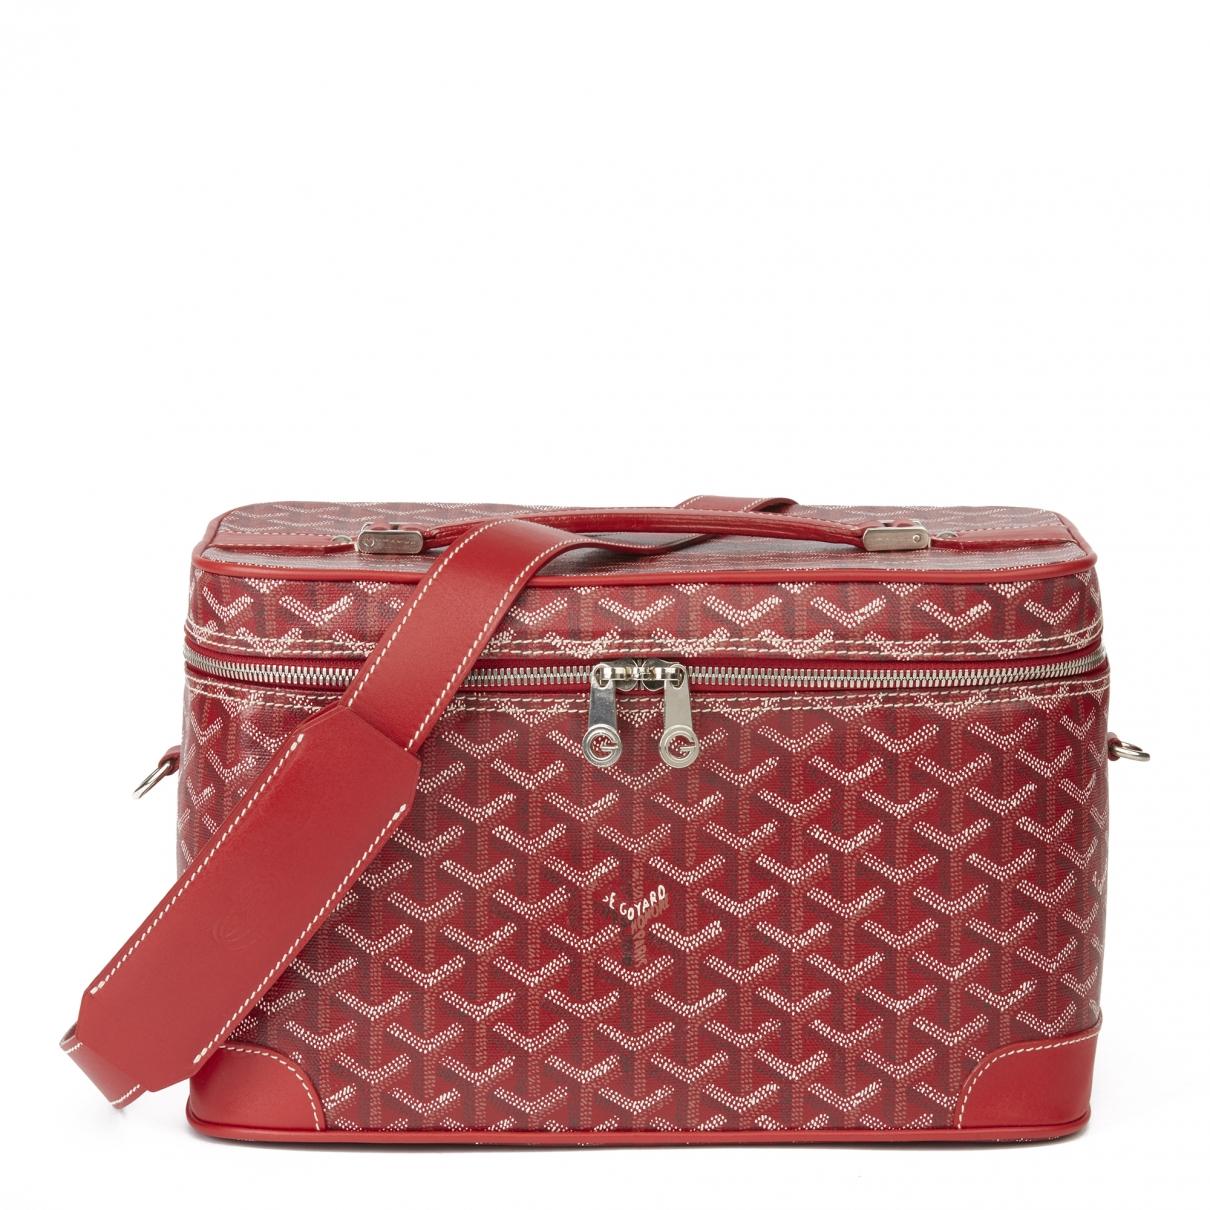 Goyard - Sac de voyage   pour femme en toile - rouge